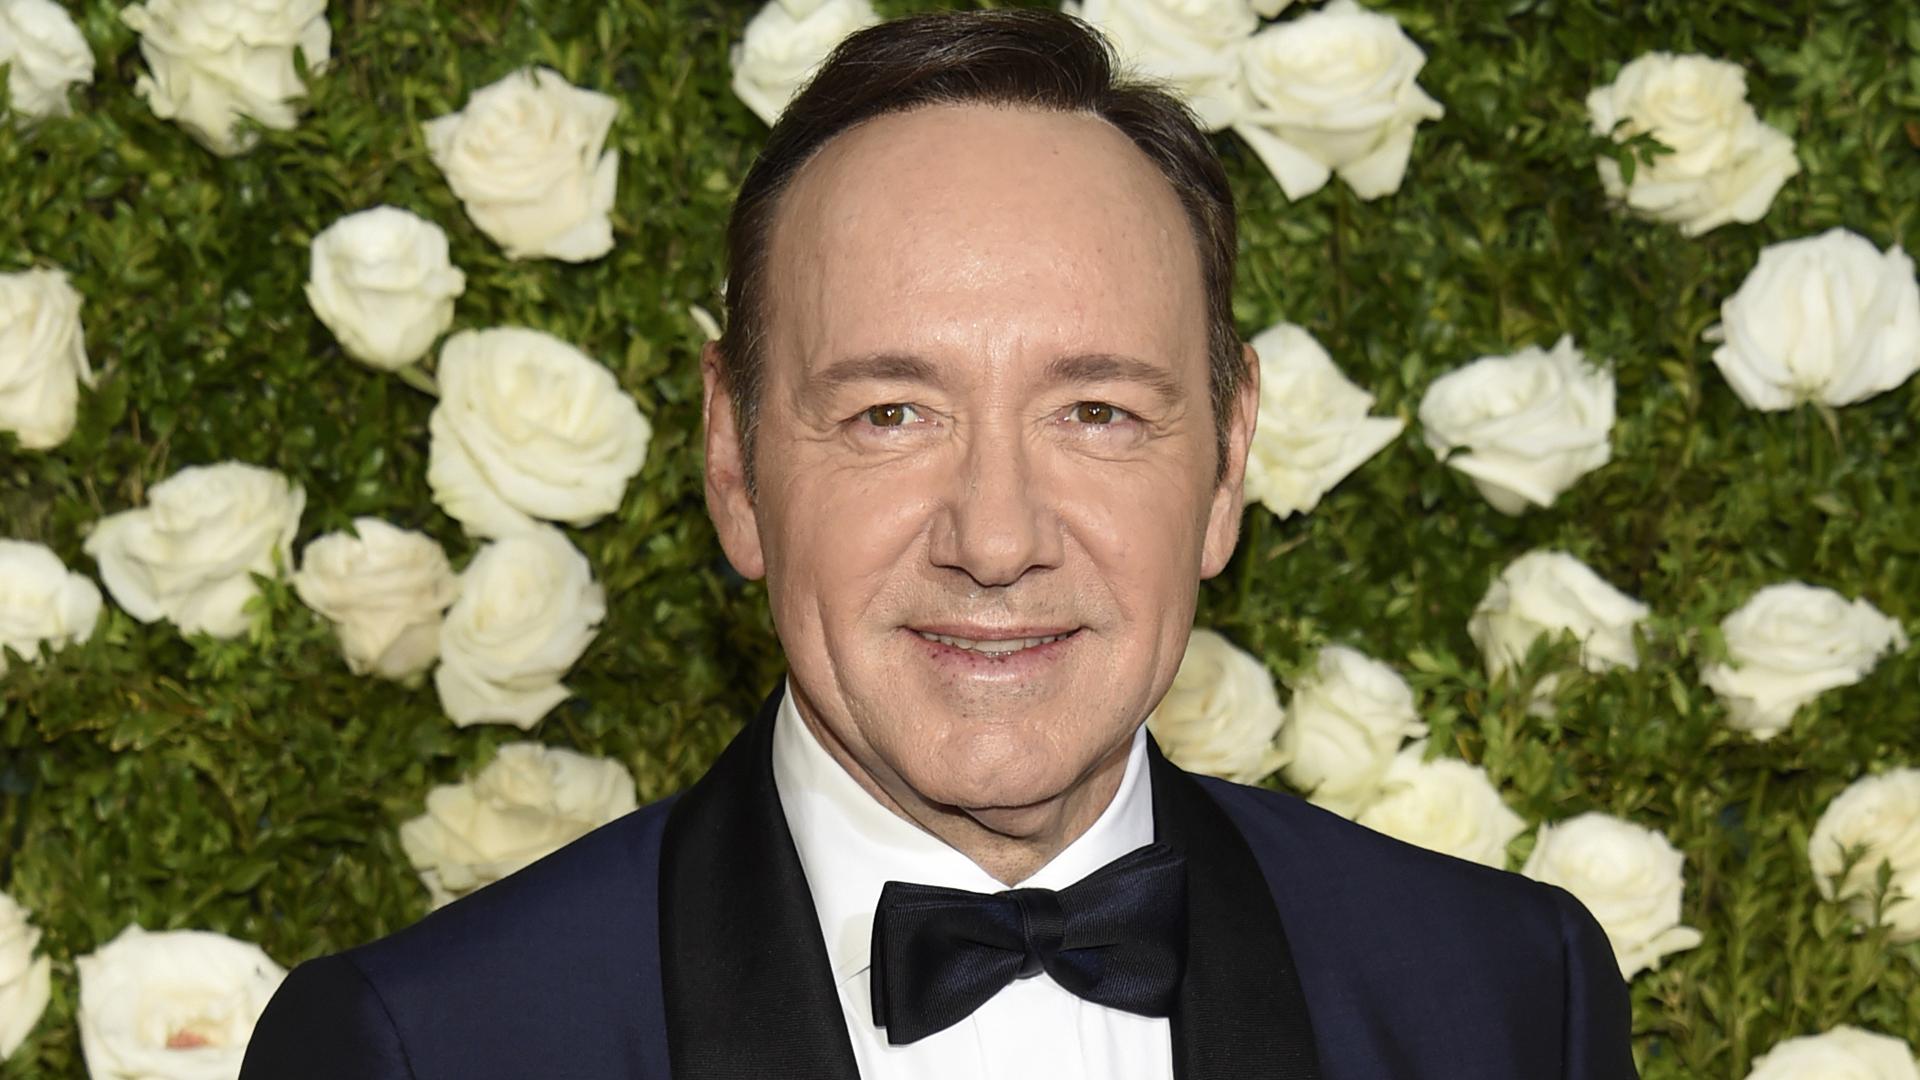 Kevin Spacey revela ser homosexual tras ser acusado de acoso